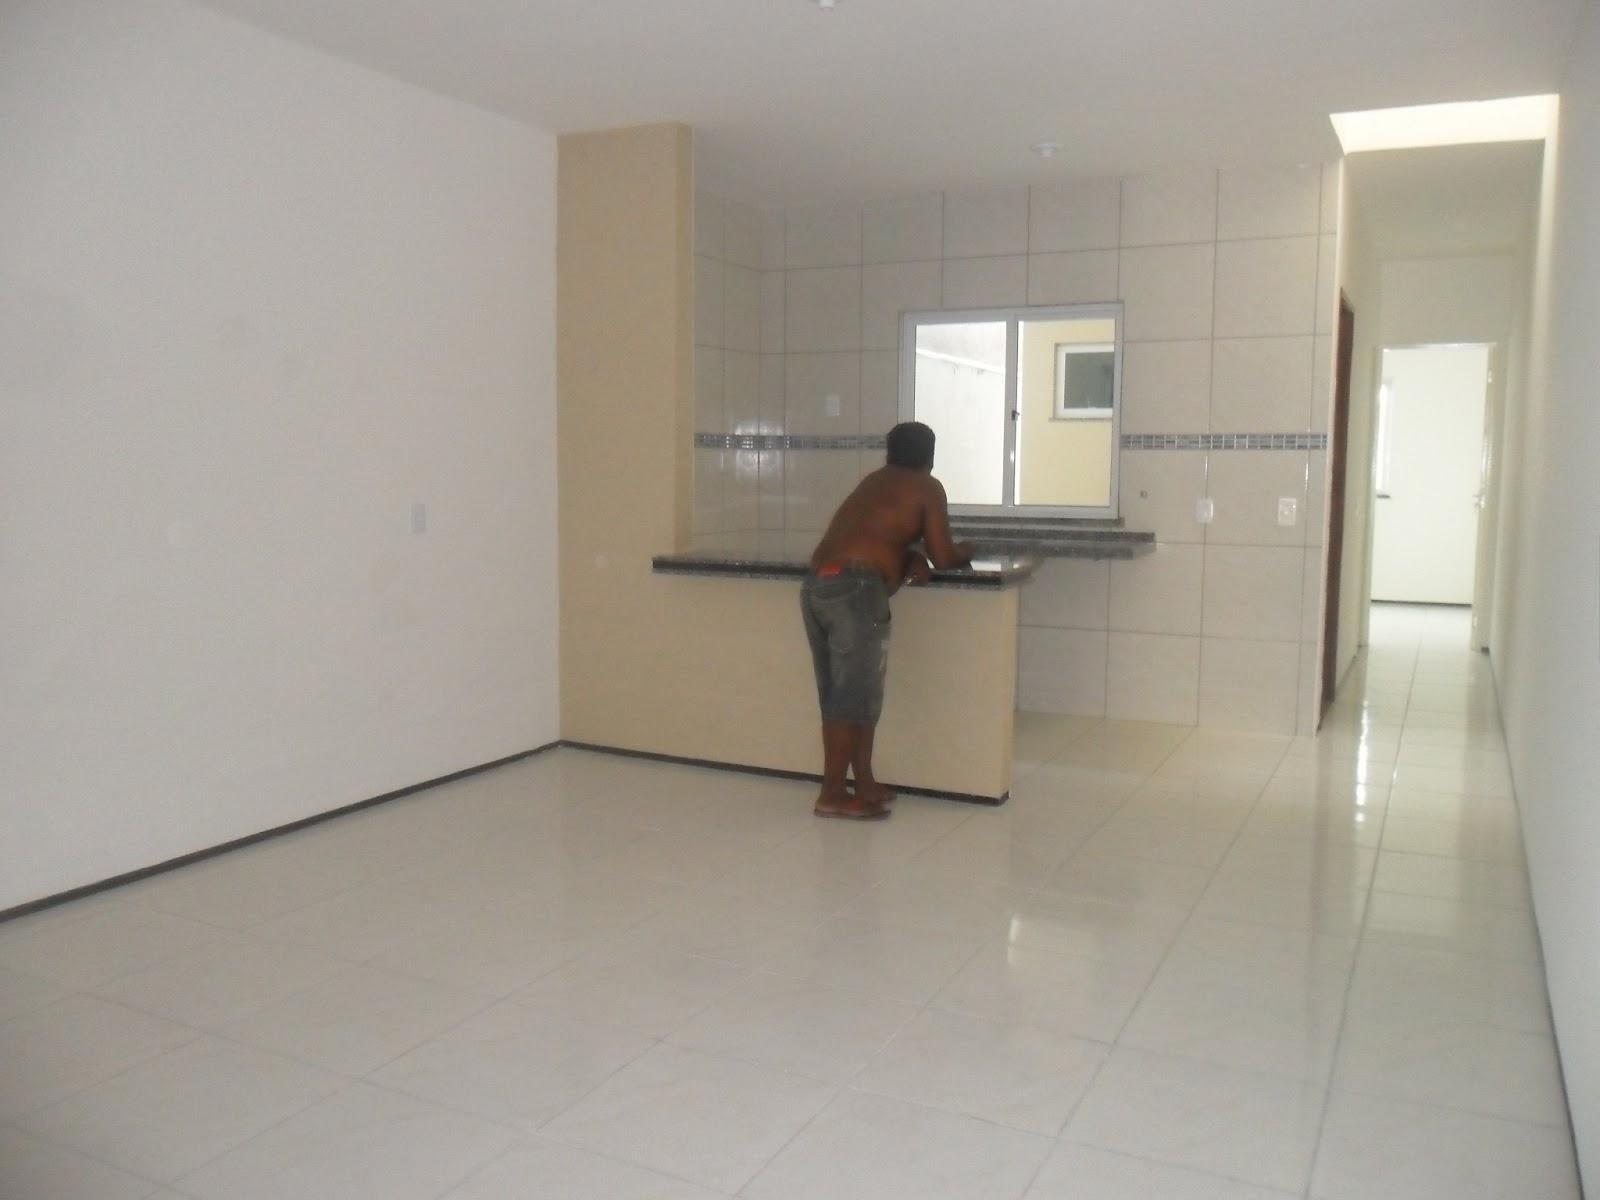 / 97469375/85671125 Casa plana 2 quartos sendo 1 suite banheiro  #5B453A 1600 1200